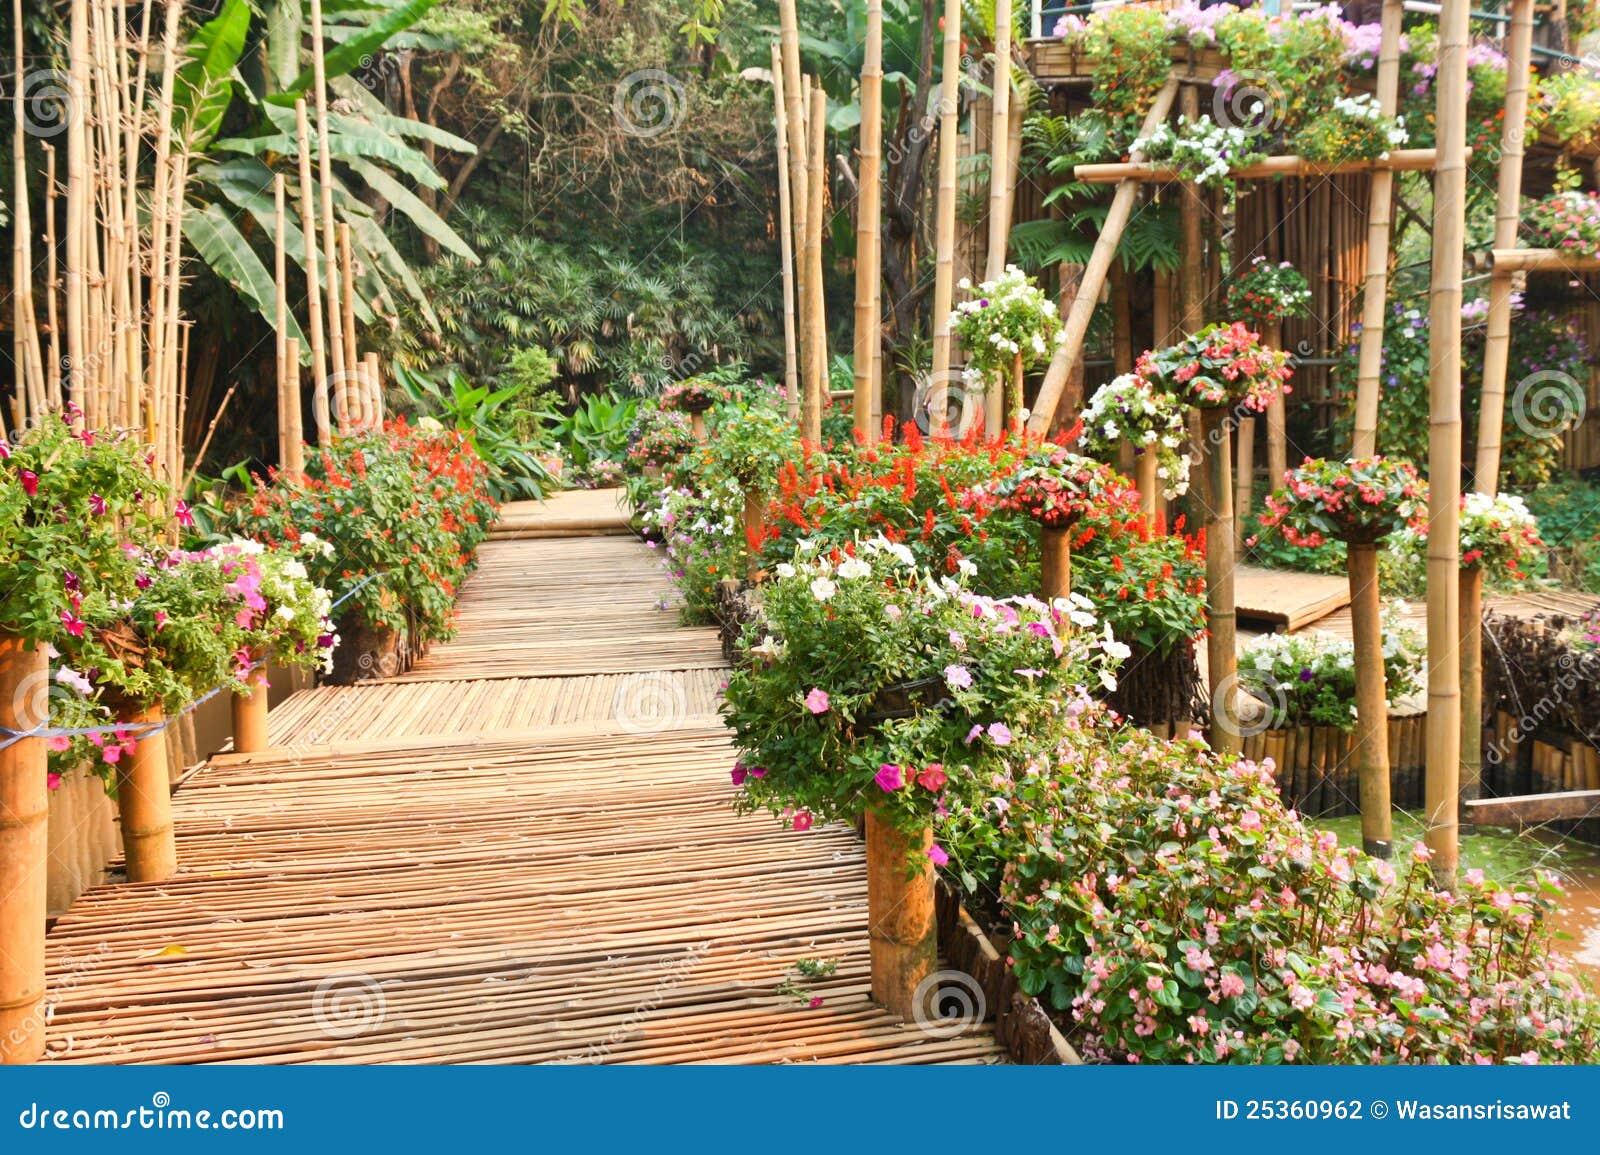 Bamboo Walkway Stock Photography Image 25360962